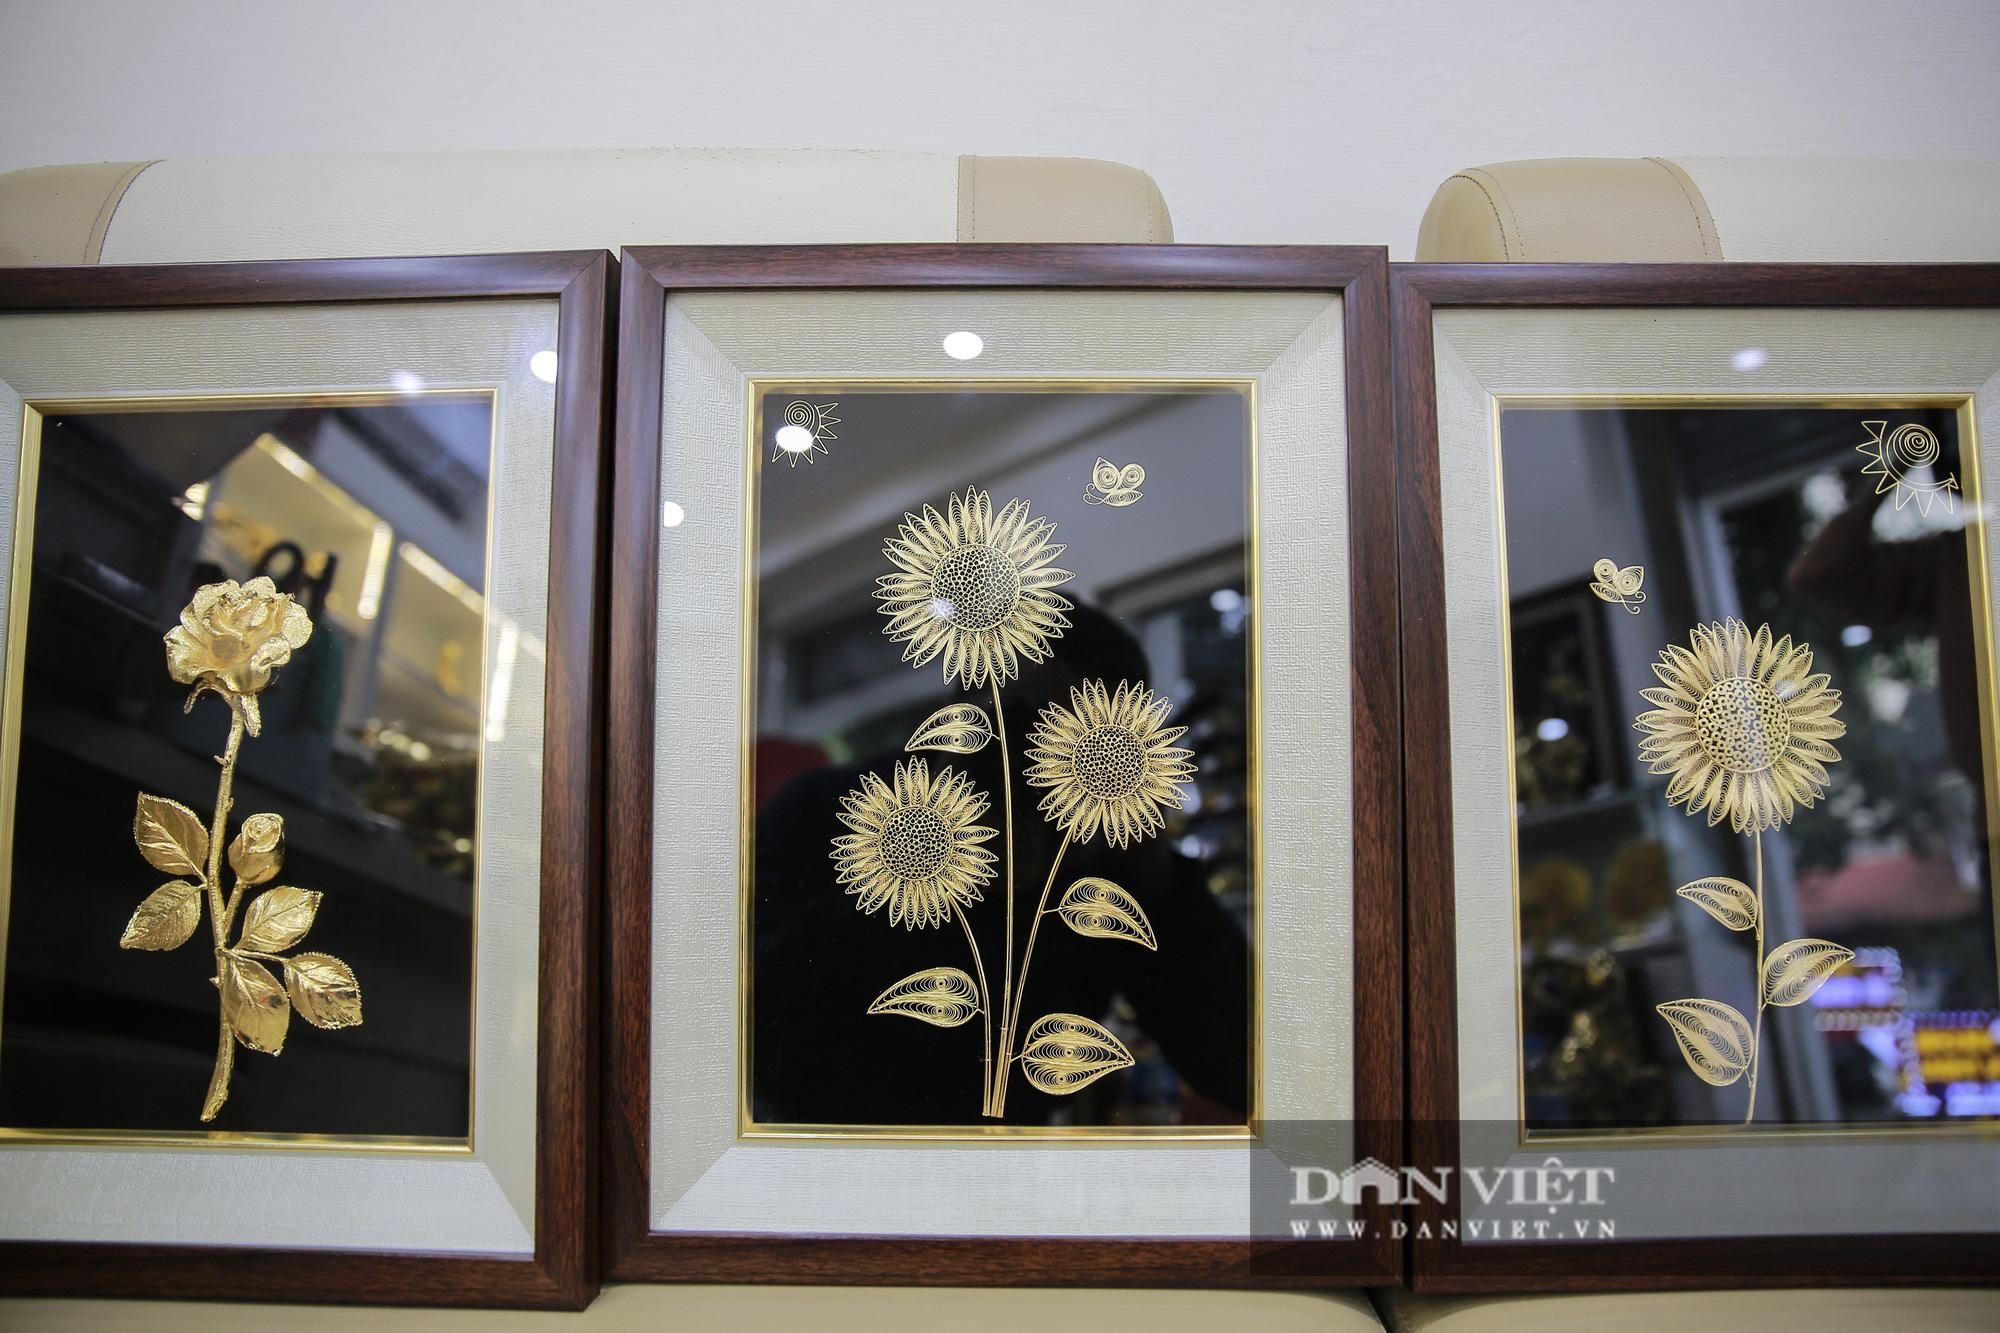 Thị trường quà tặng 8/3: Hoa, tranh, khuy cài áo mạ vàng cực đắt lên ngôi - Ảnh 7.